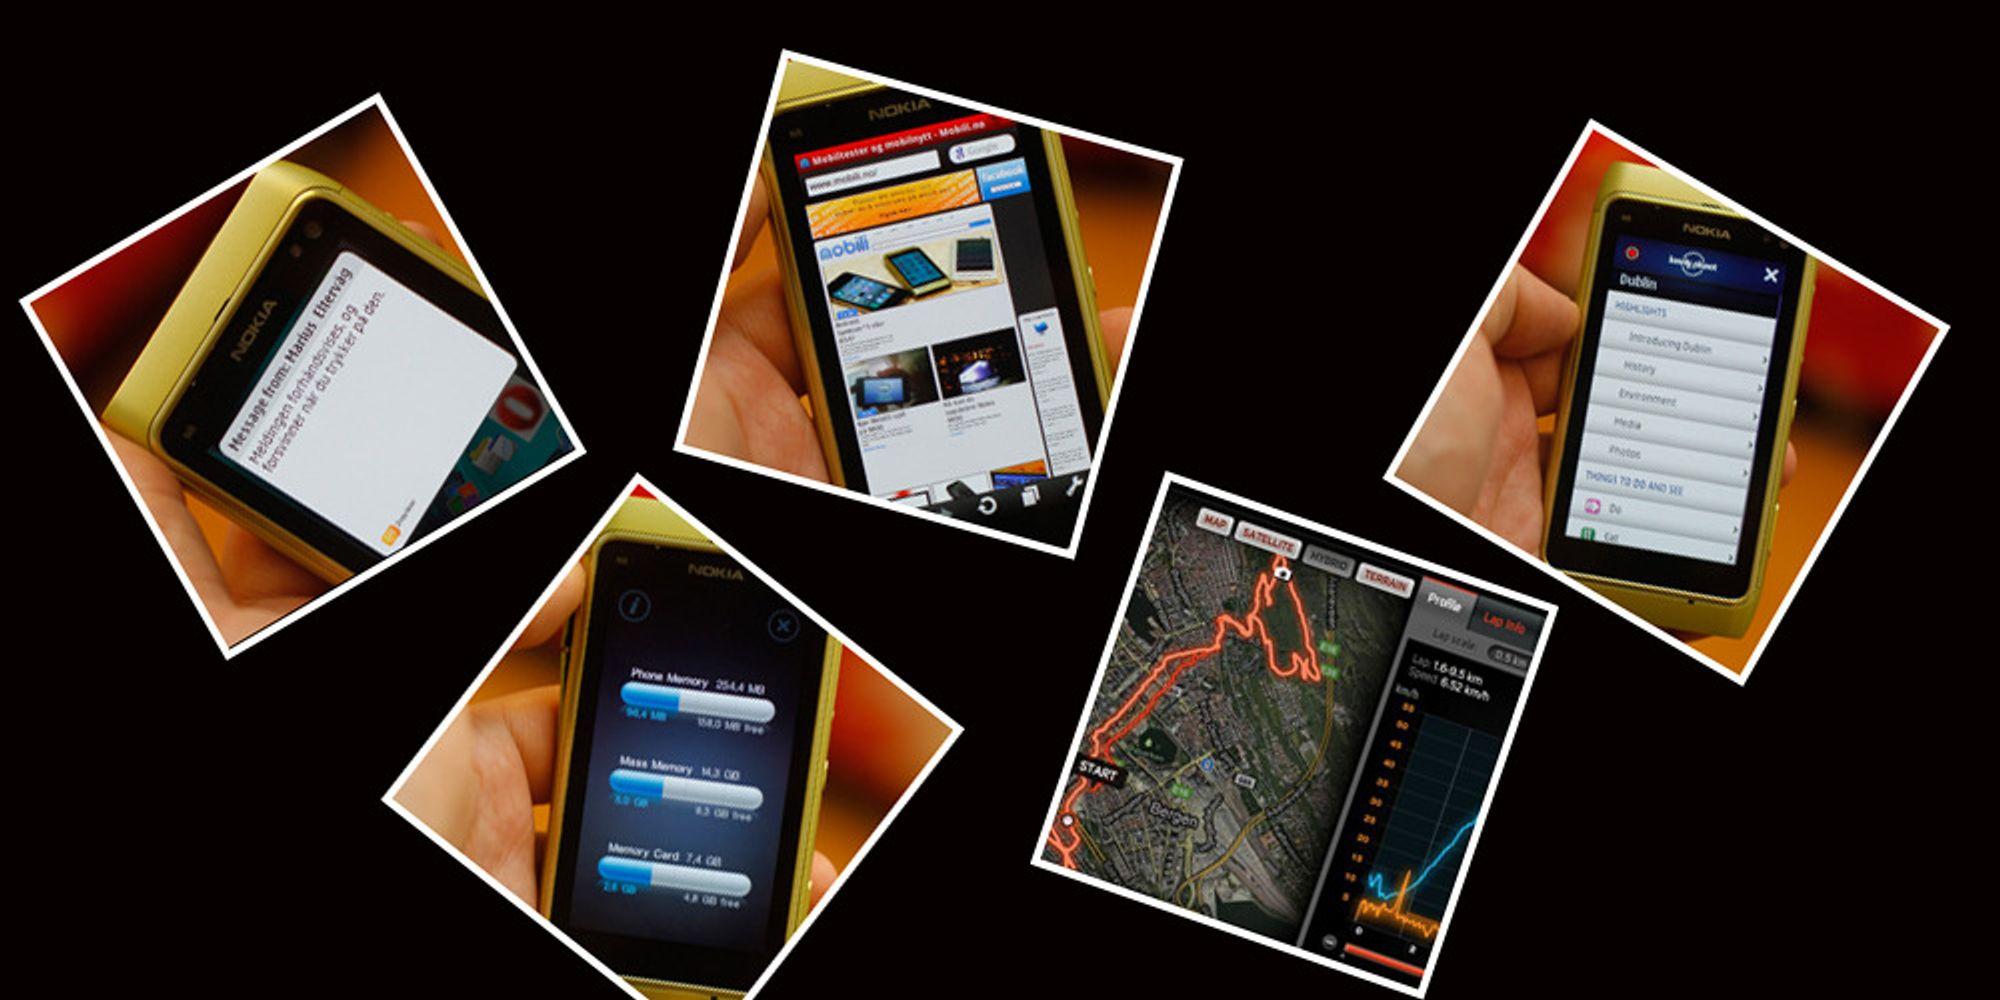 Fem gratisapps du bør ha på Nokia N8